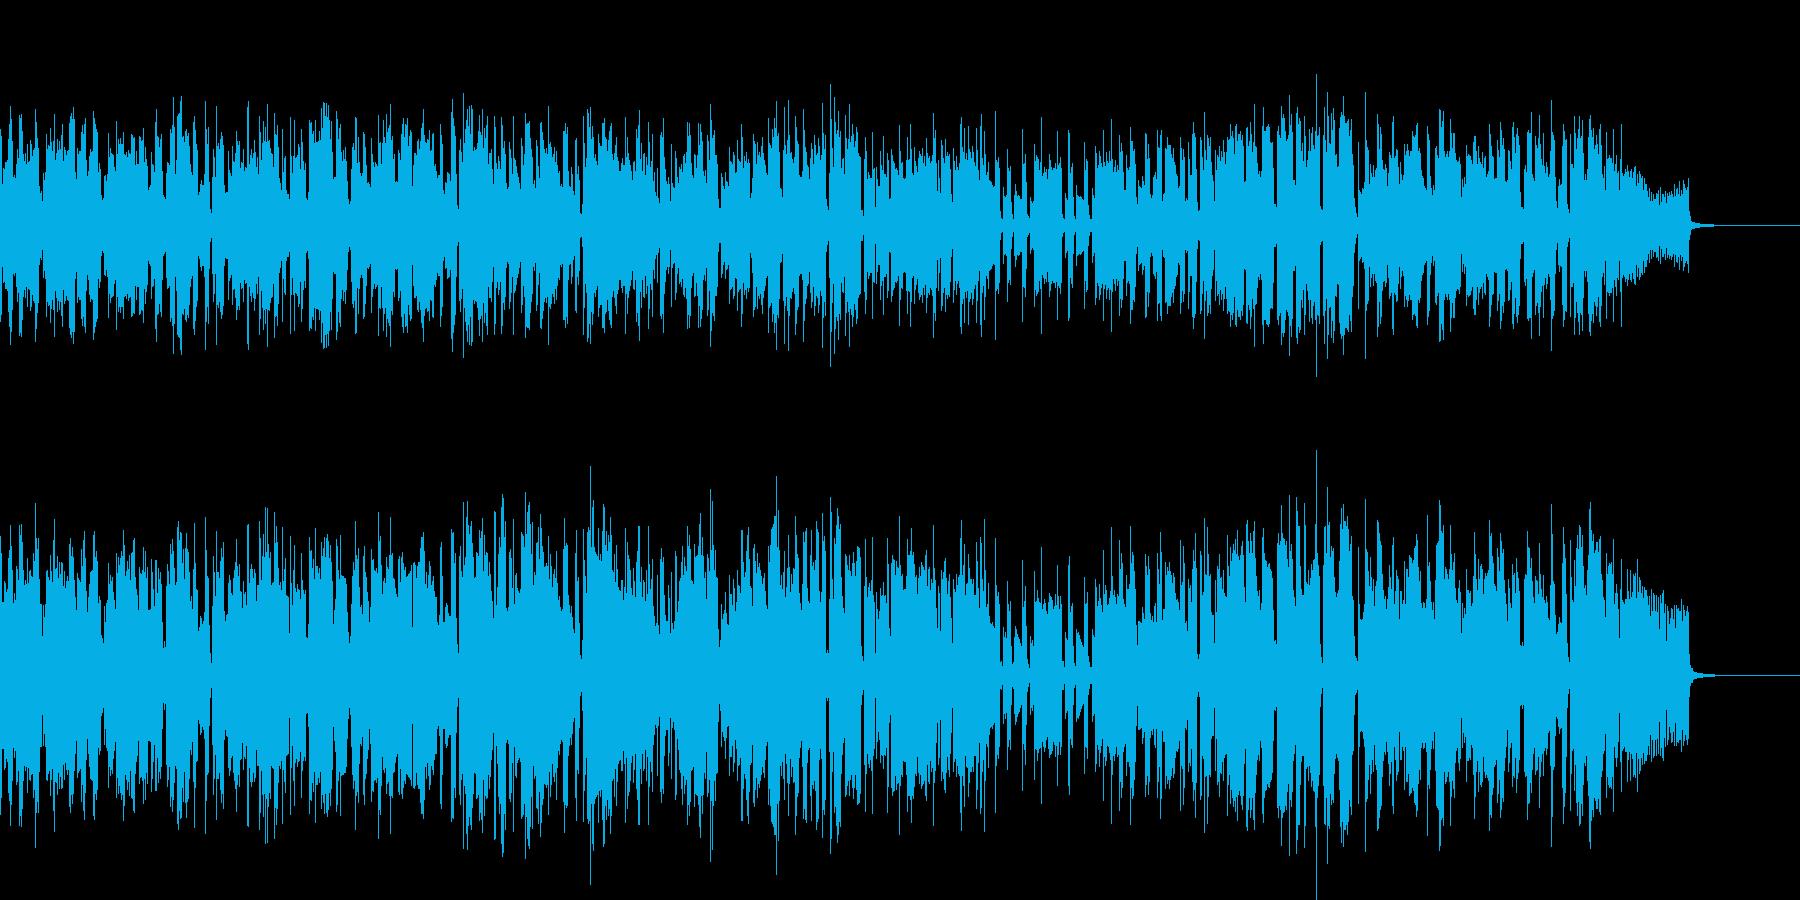 フルートとギターだけの気怠いボサノバの再生済みの波形